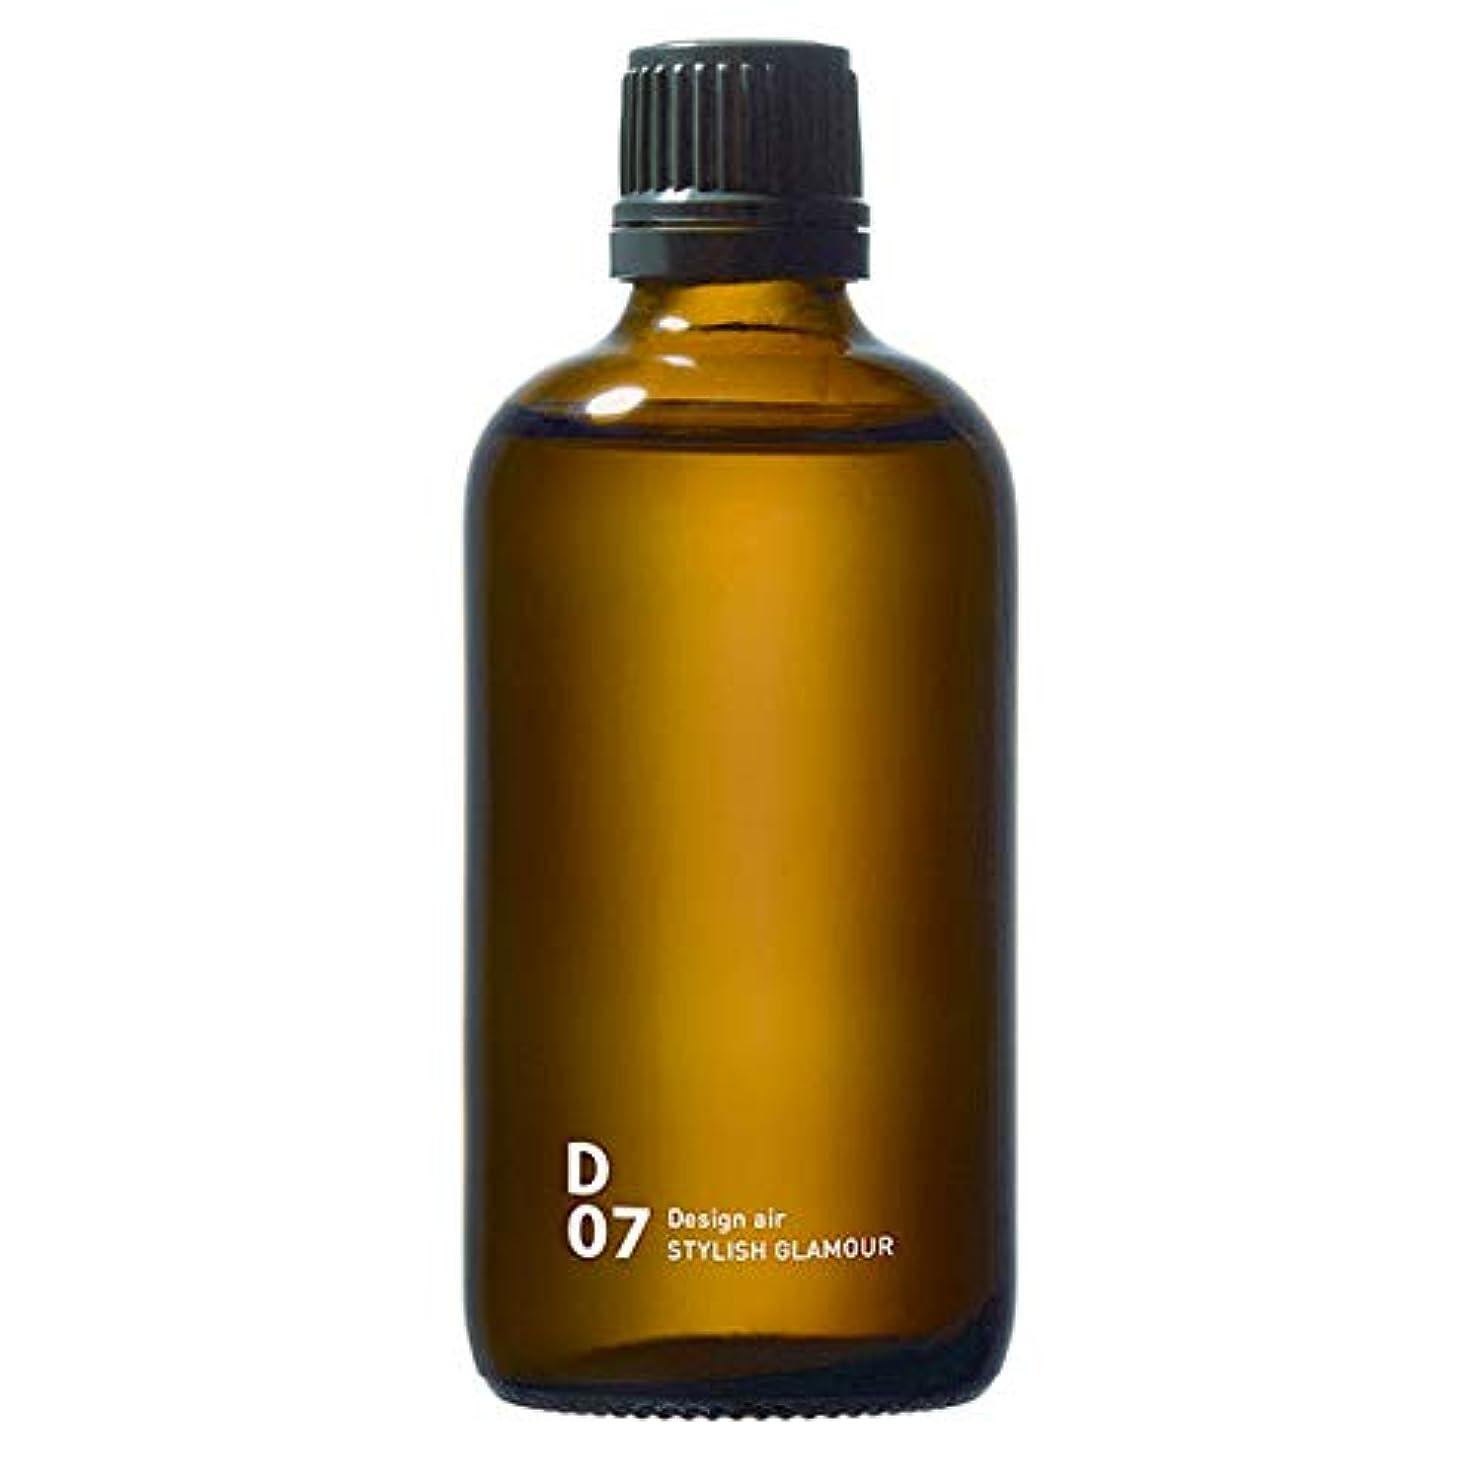 出席する自動的に化石D07 STYLISH GLAMOUR piezo aroma oil 100ml